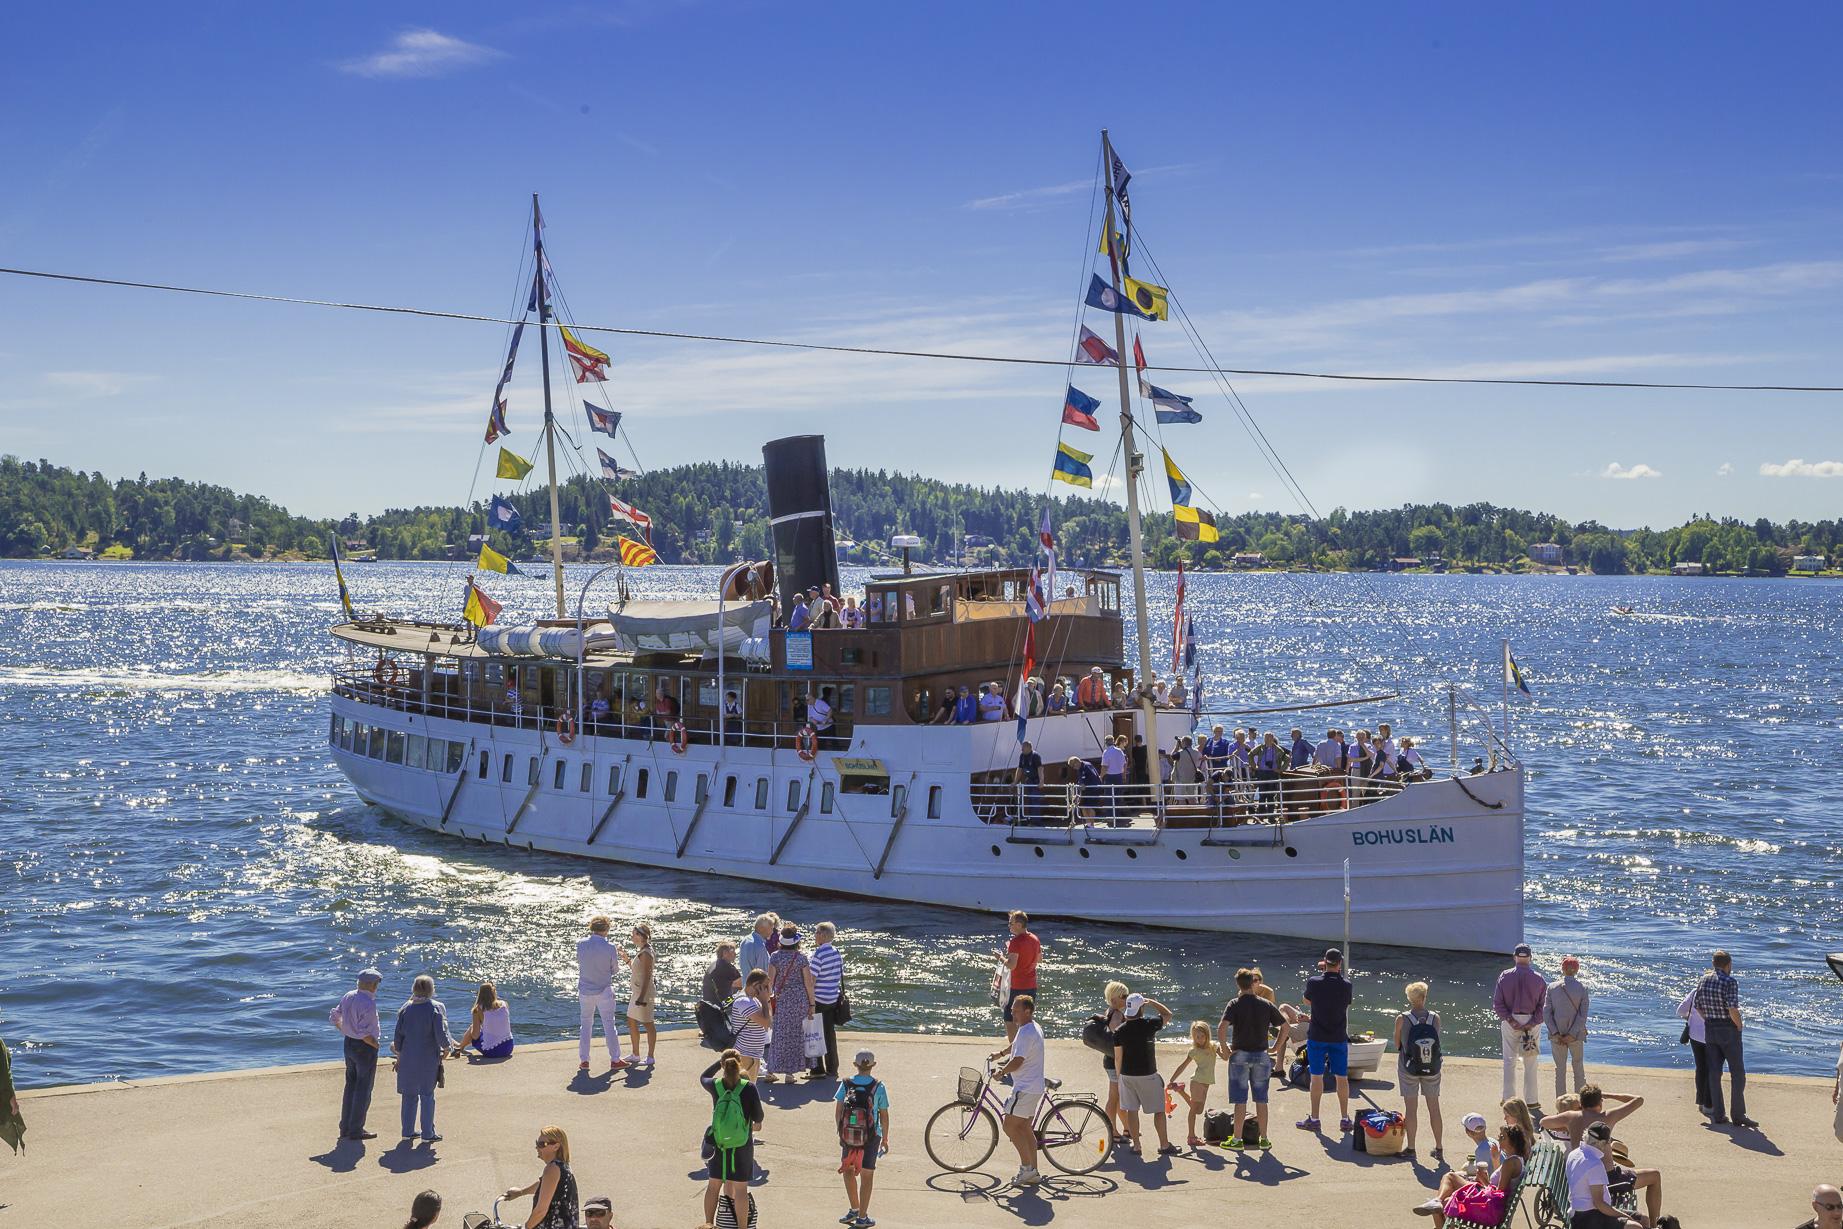 SS Bohuslän